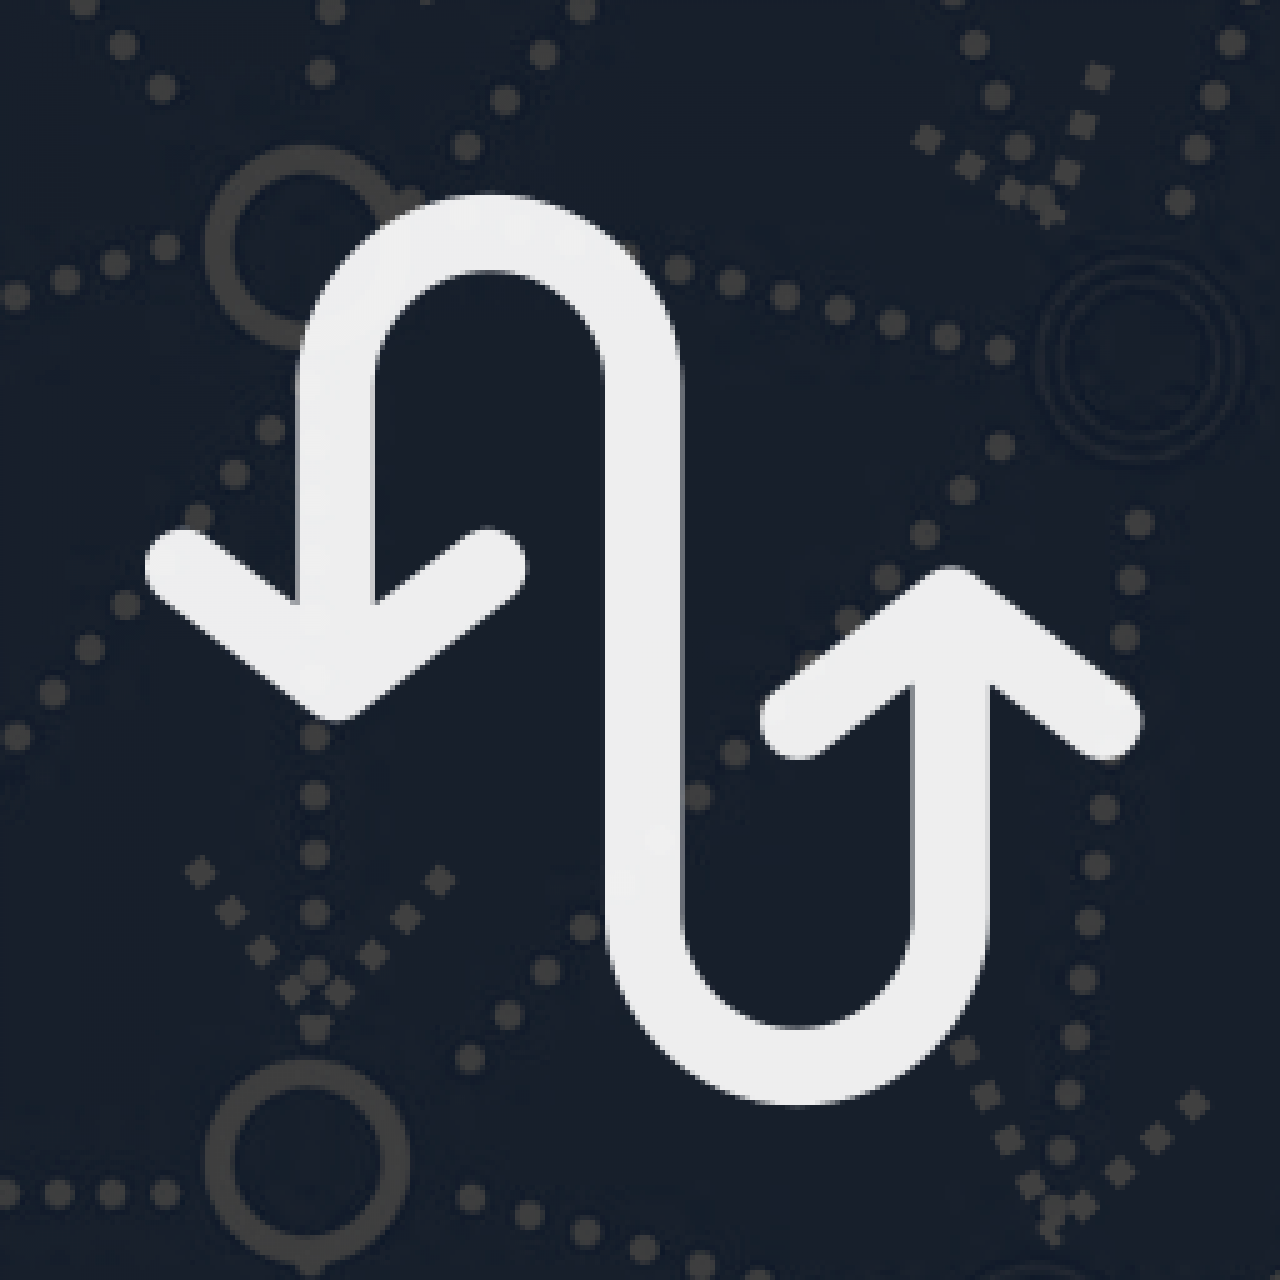 Умные редиректы и перенос FX Redirect&Migrate Manager из категории SEO для CMS OpenCart (ОпенКарт)